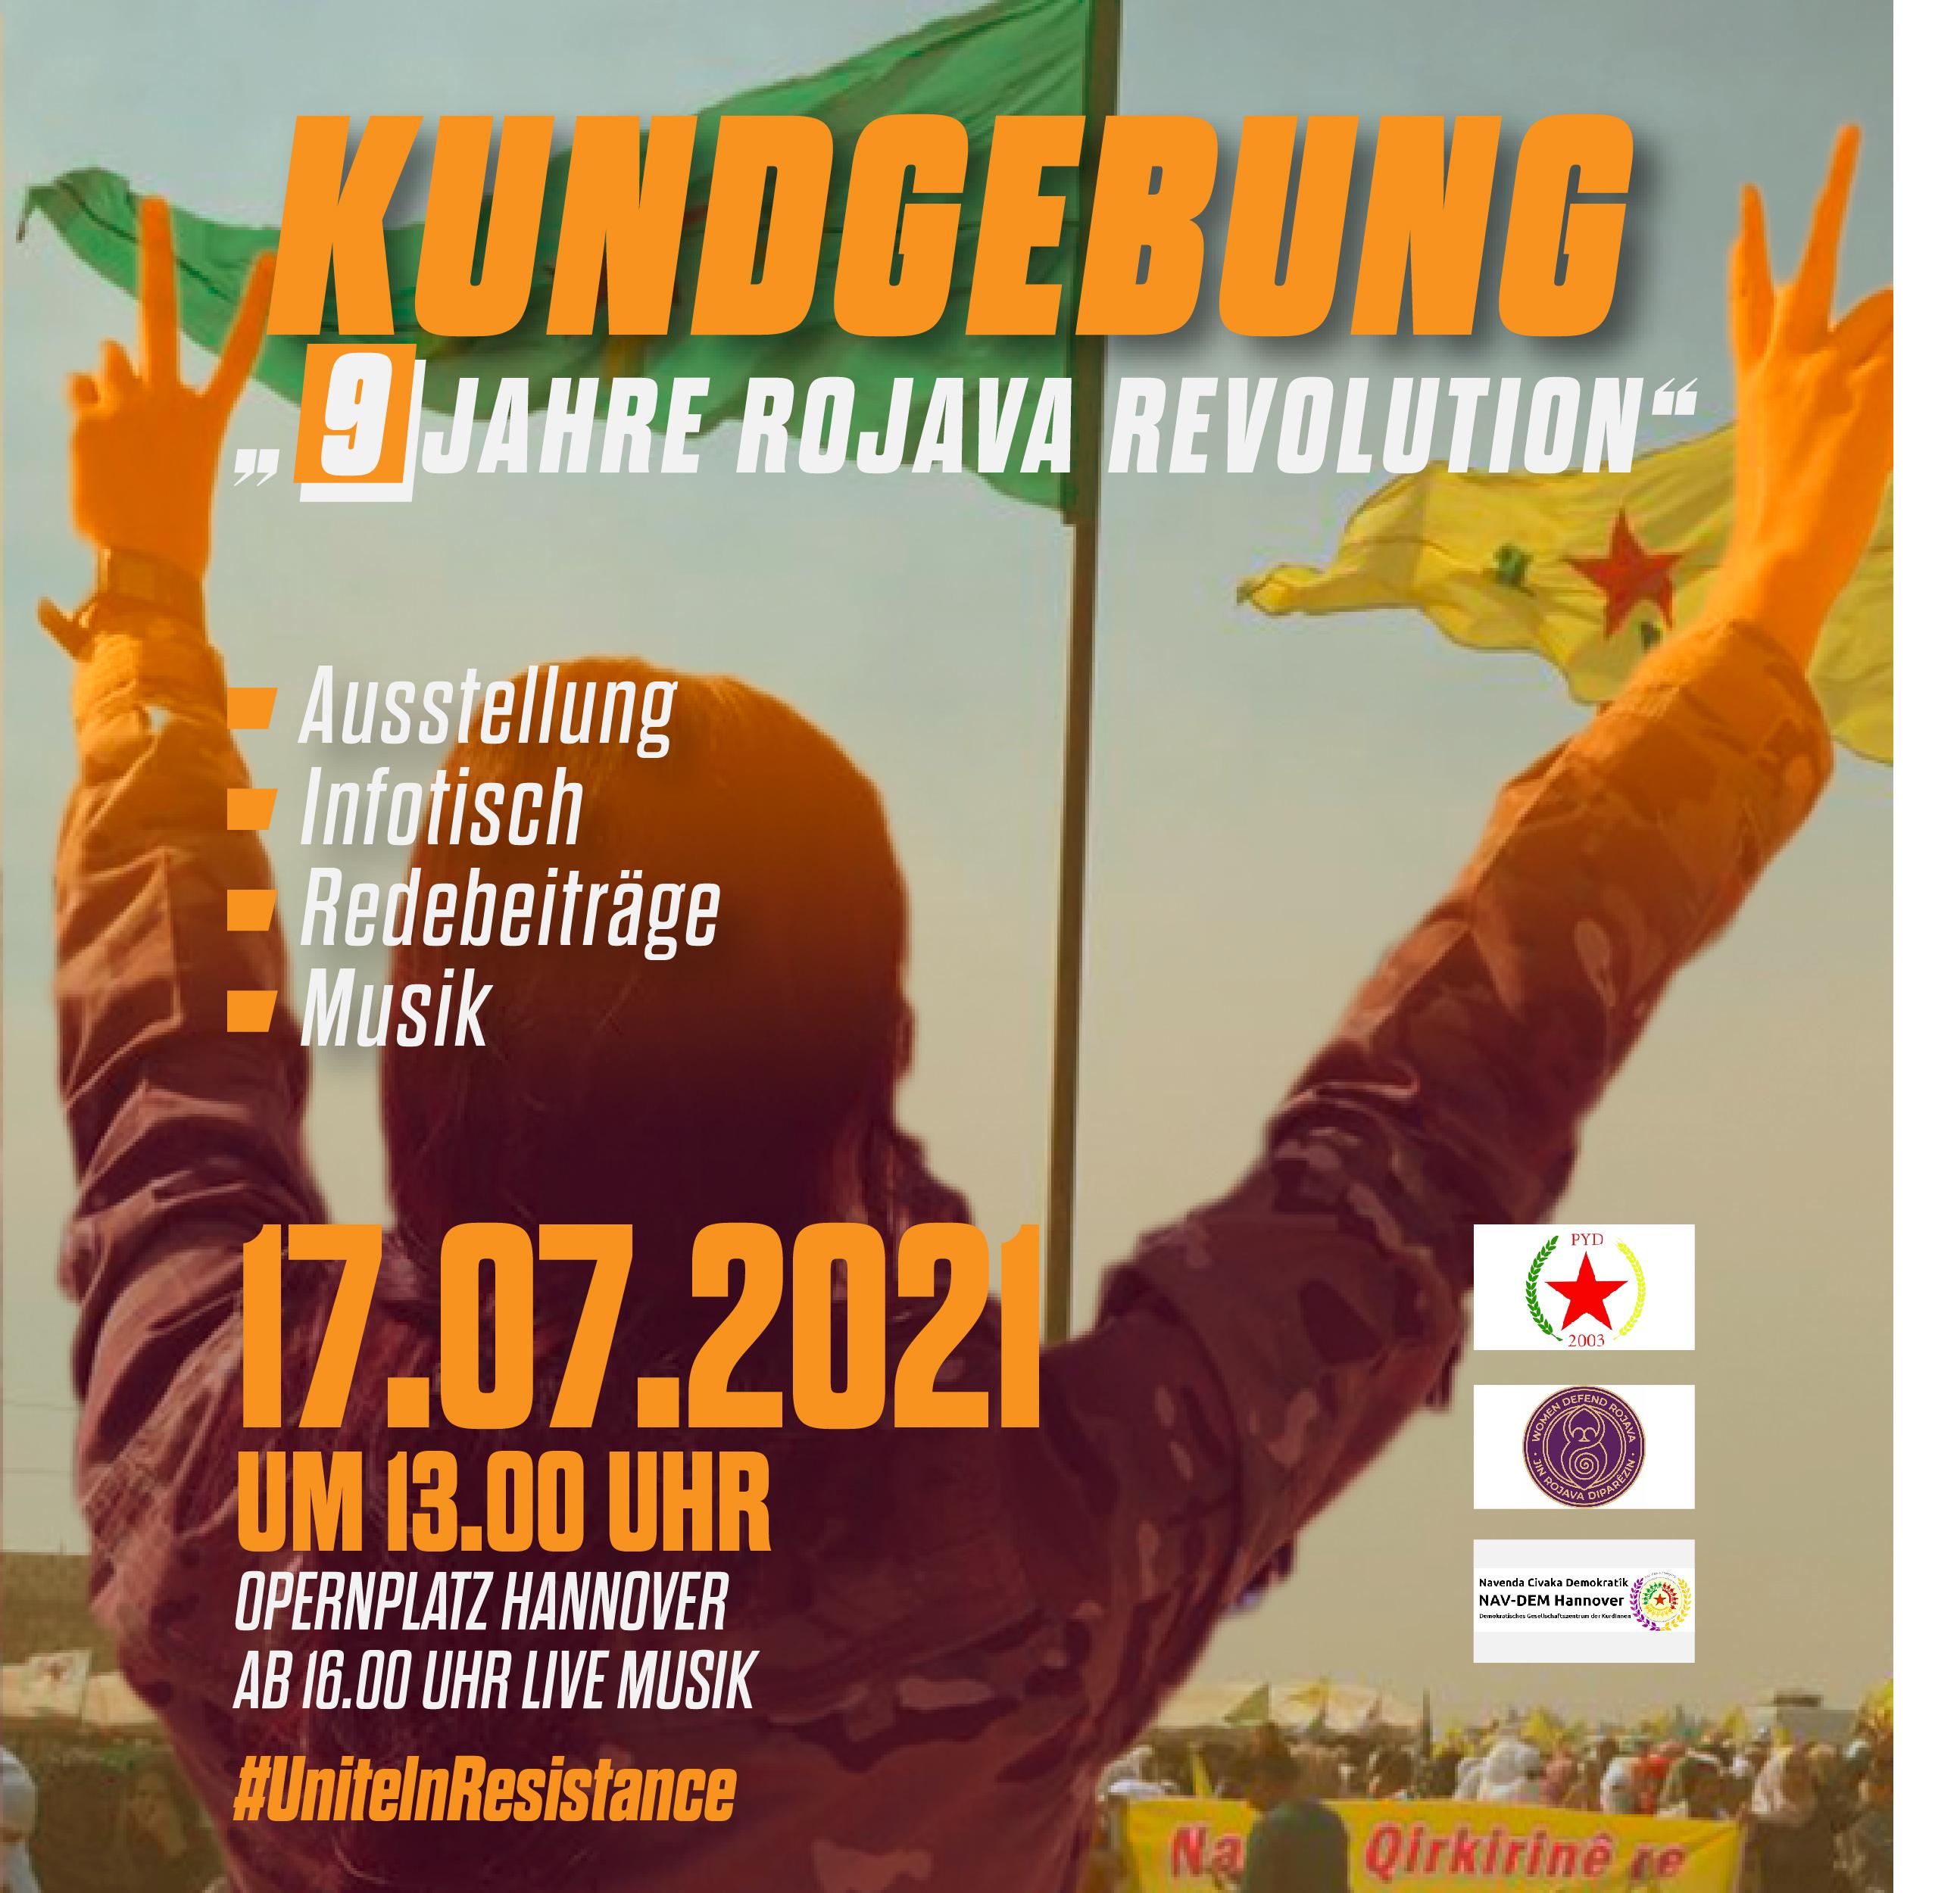 PYD Women Defend Rojava NAV-DEM Hannover 9 Jahre Rojava-Revolution